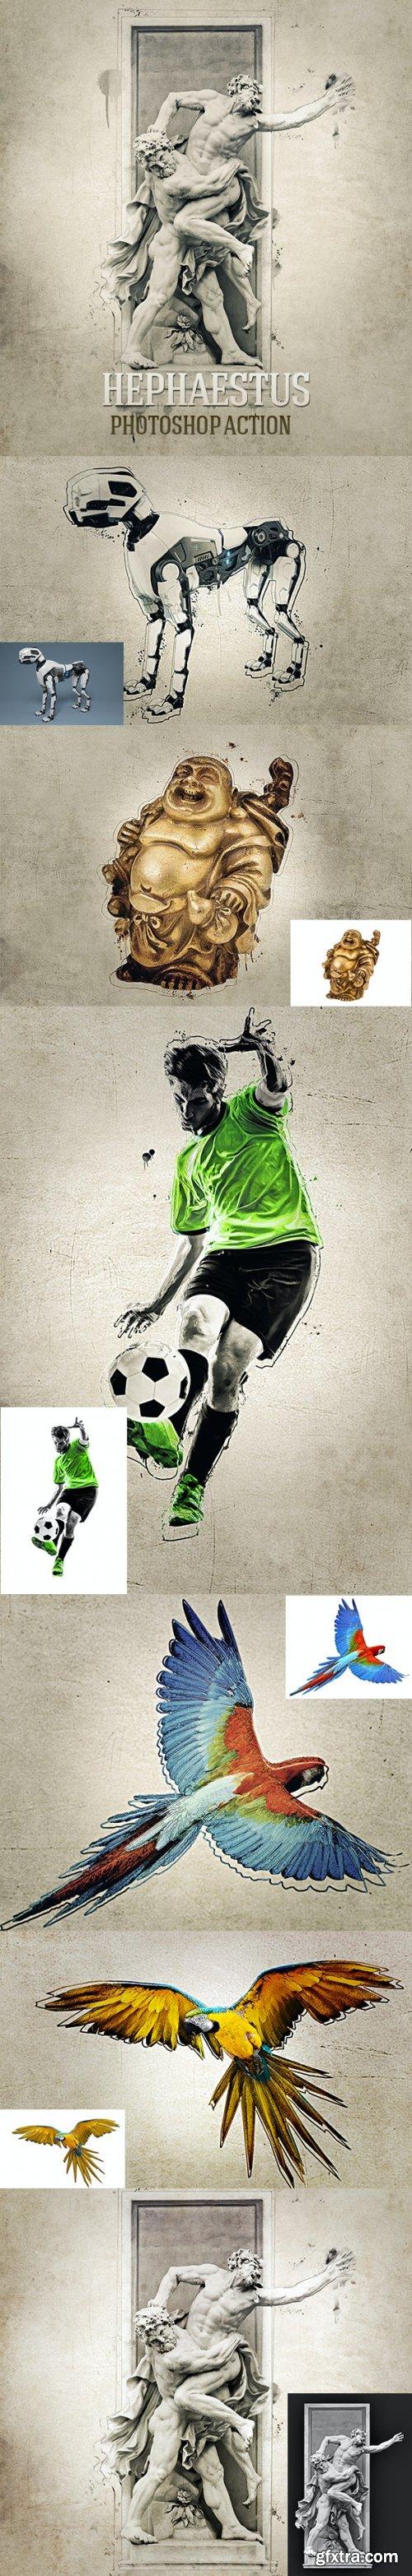 GraphicRiver - Hephaestus Photoshop Action 32051037